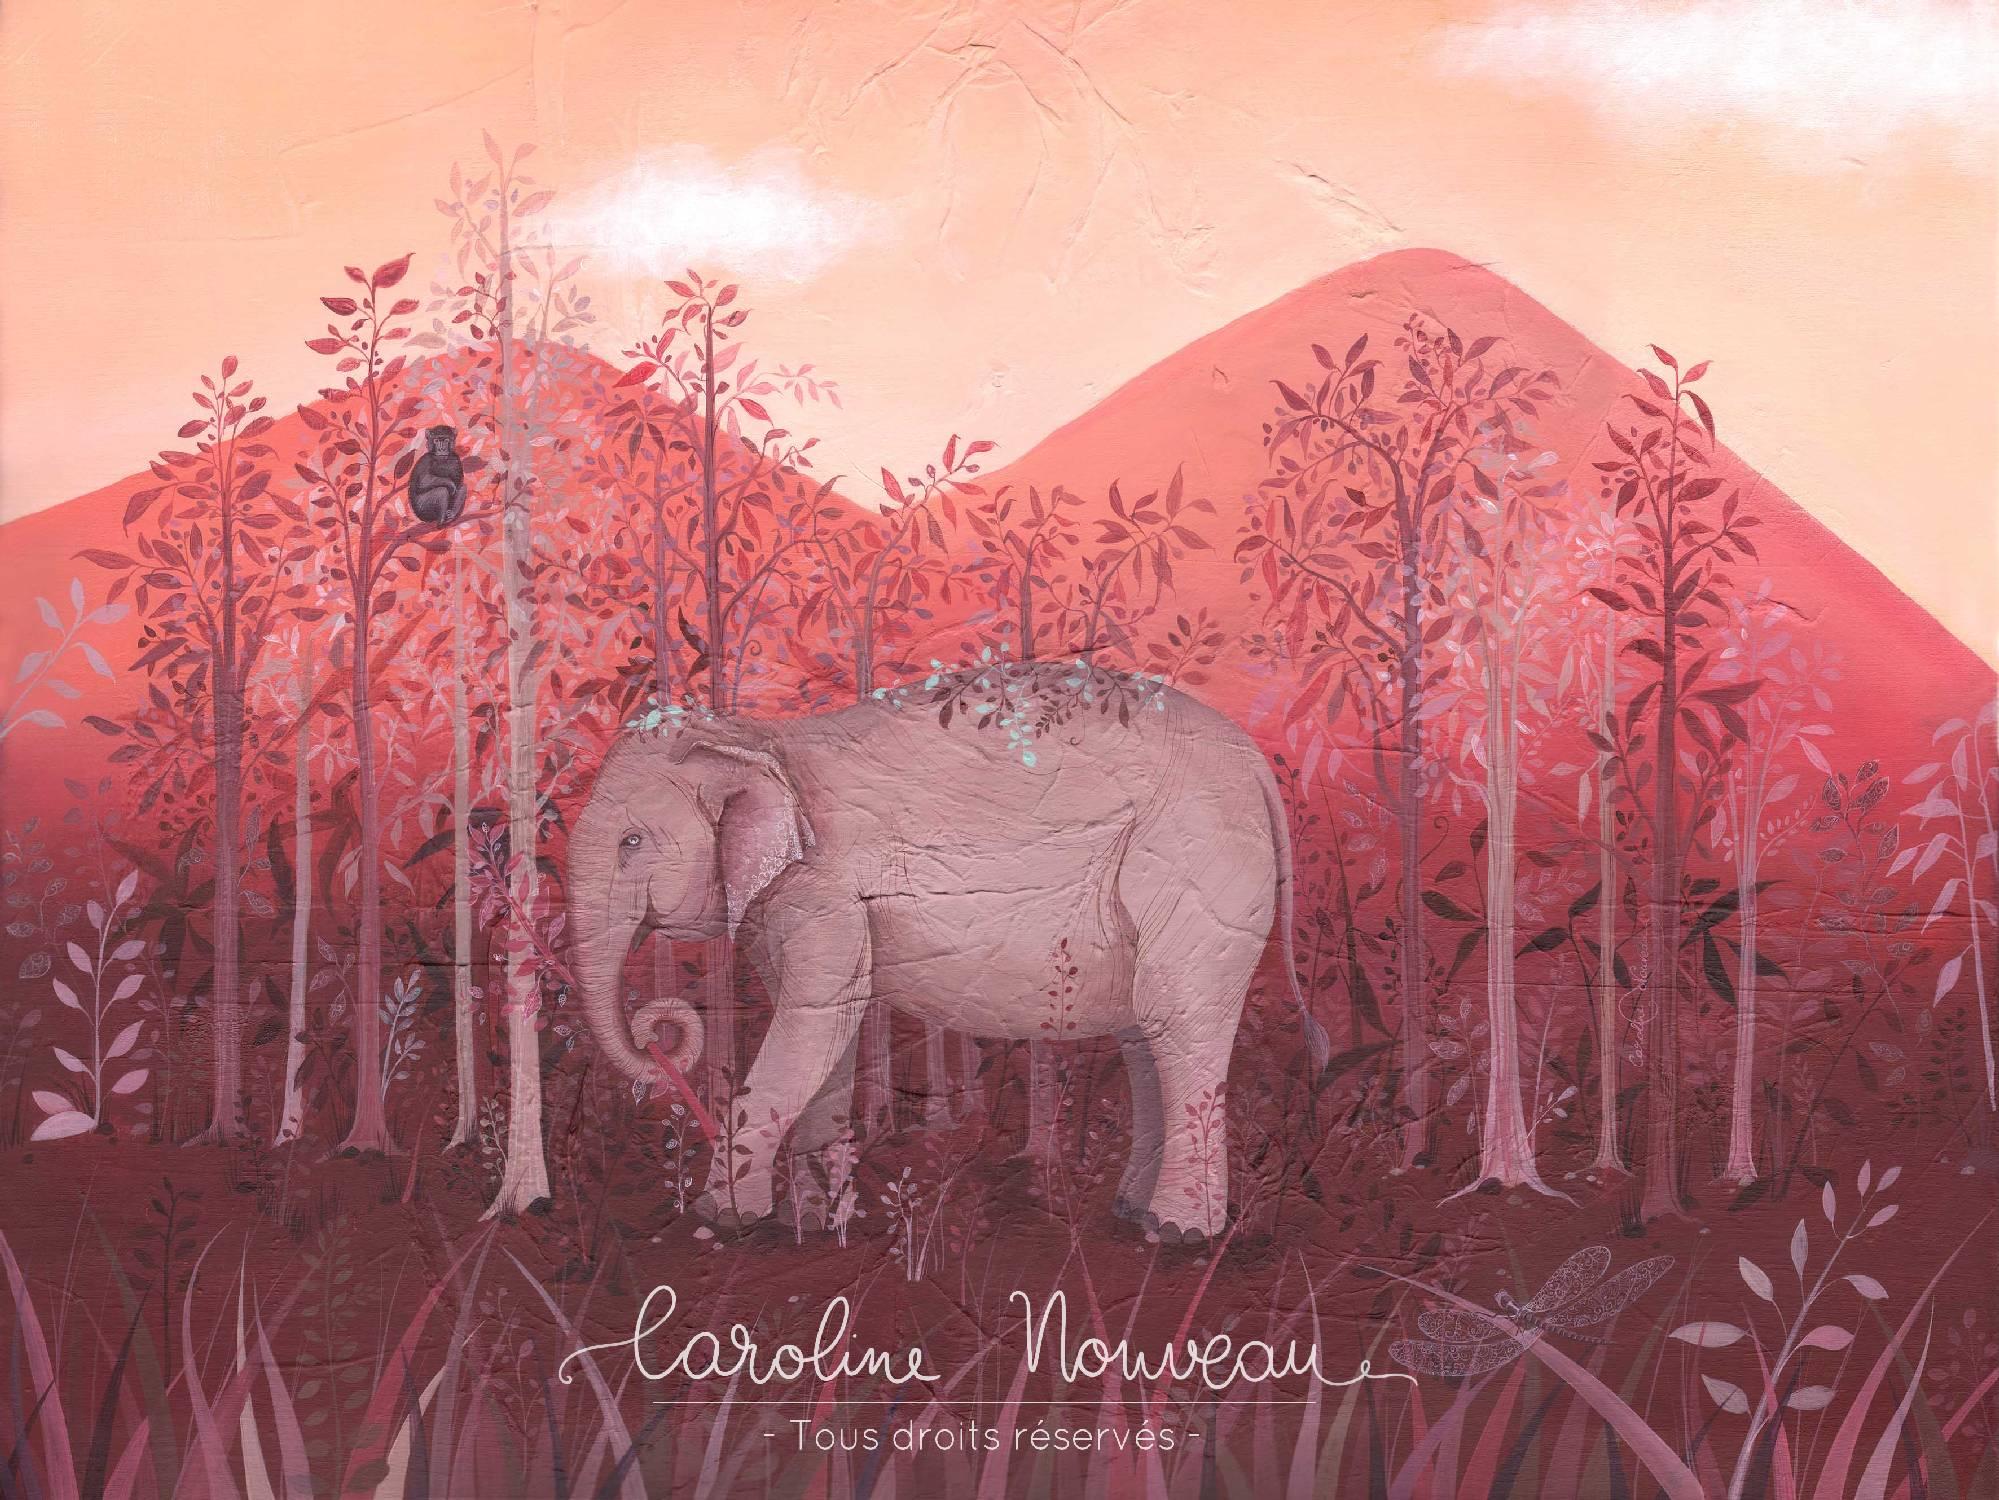 """""""L'éléphant du Mondulkiri"""" Acrylique sur toile - 73*60cm - 2020 - Disponible 450€"""